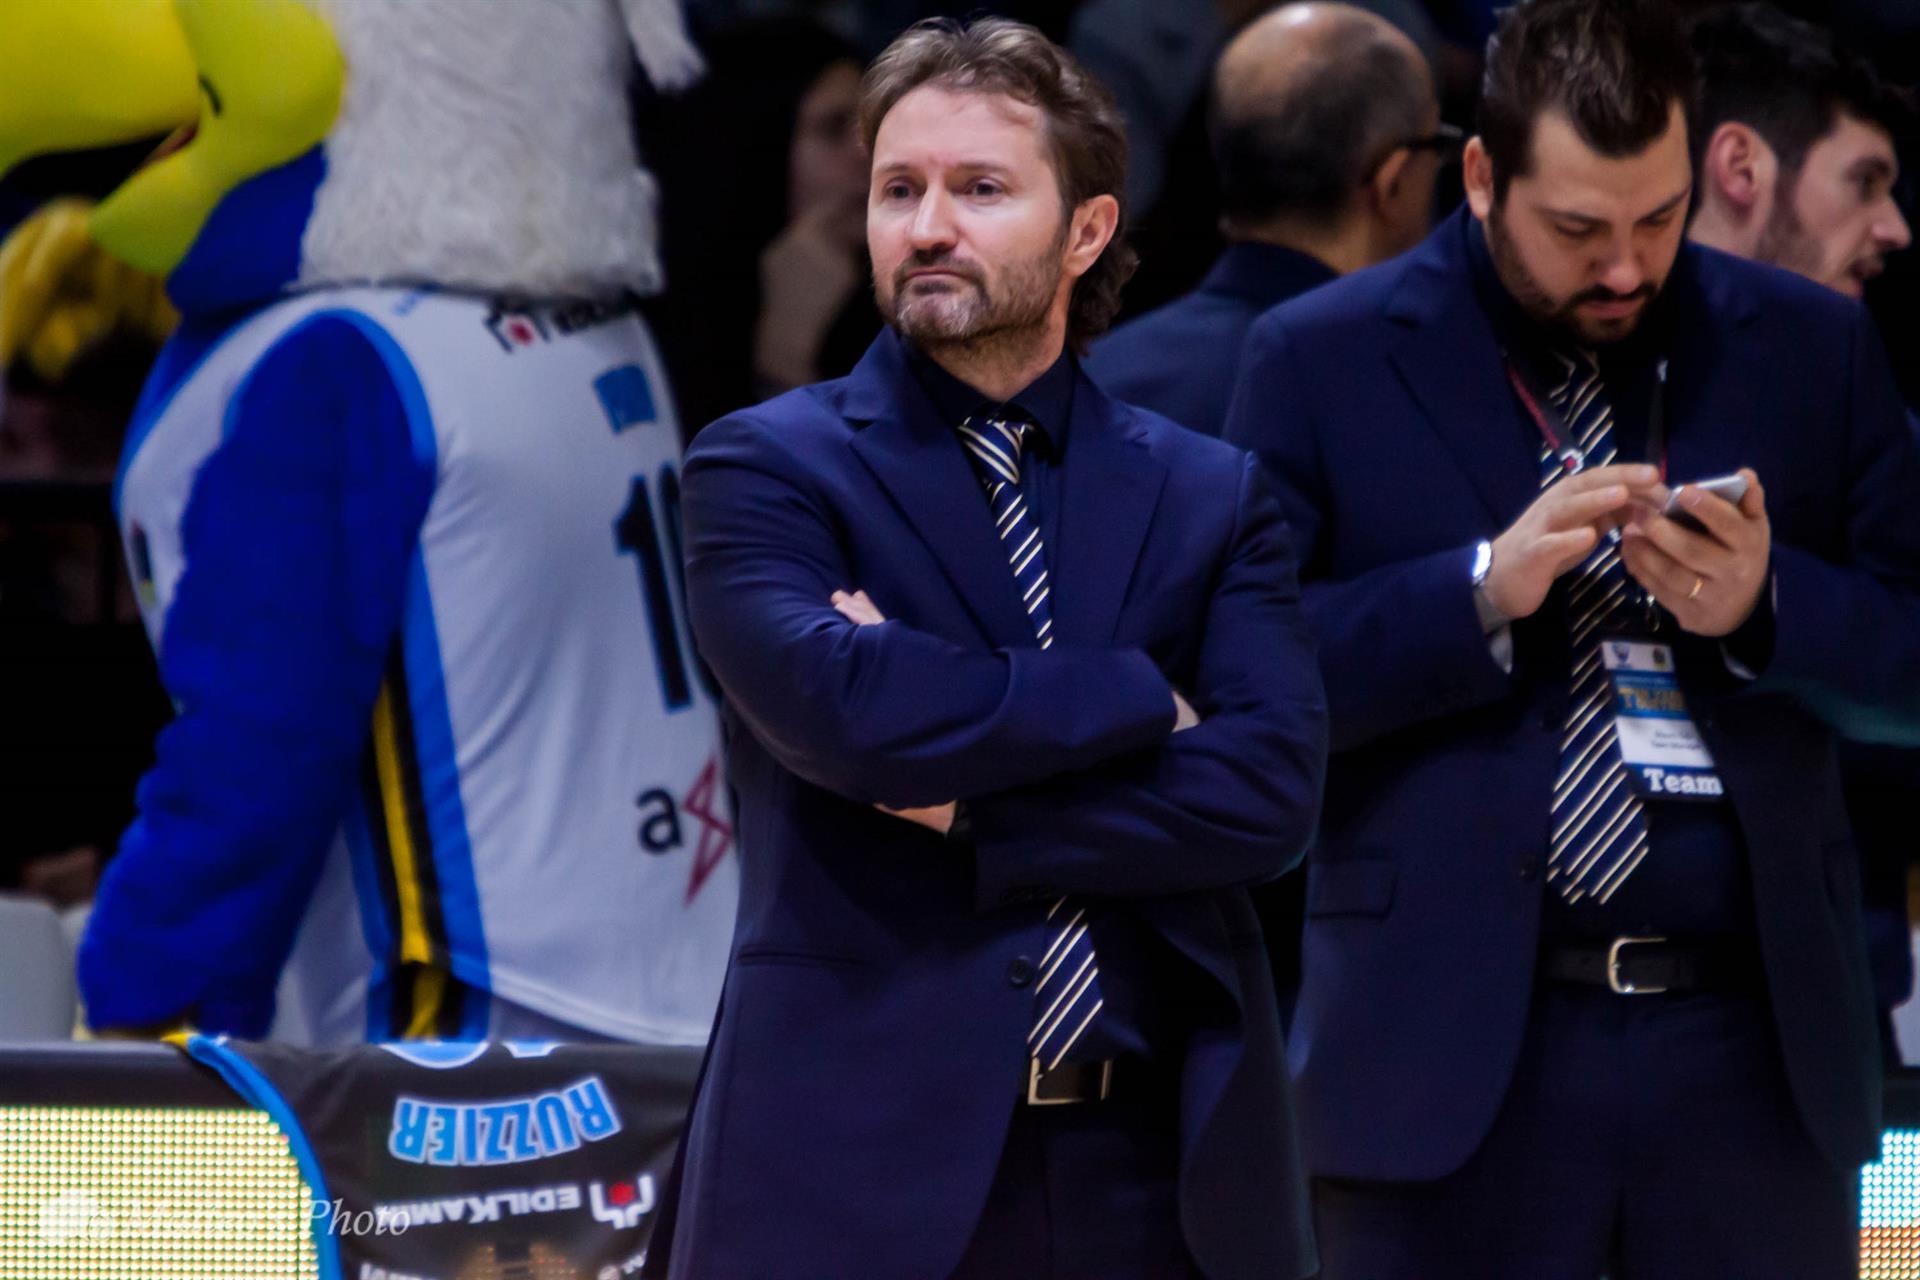 Interviste 2018-19: coach Flavio Fioretti canturino DOC racconta i perchè della sconfitta della Vanoli Cremona vs Cantù